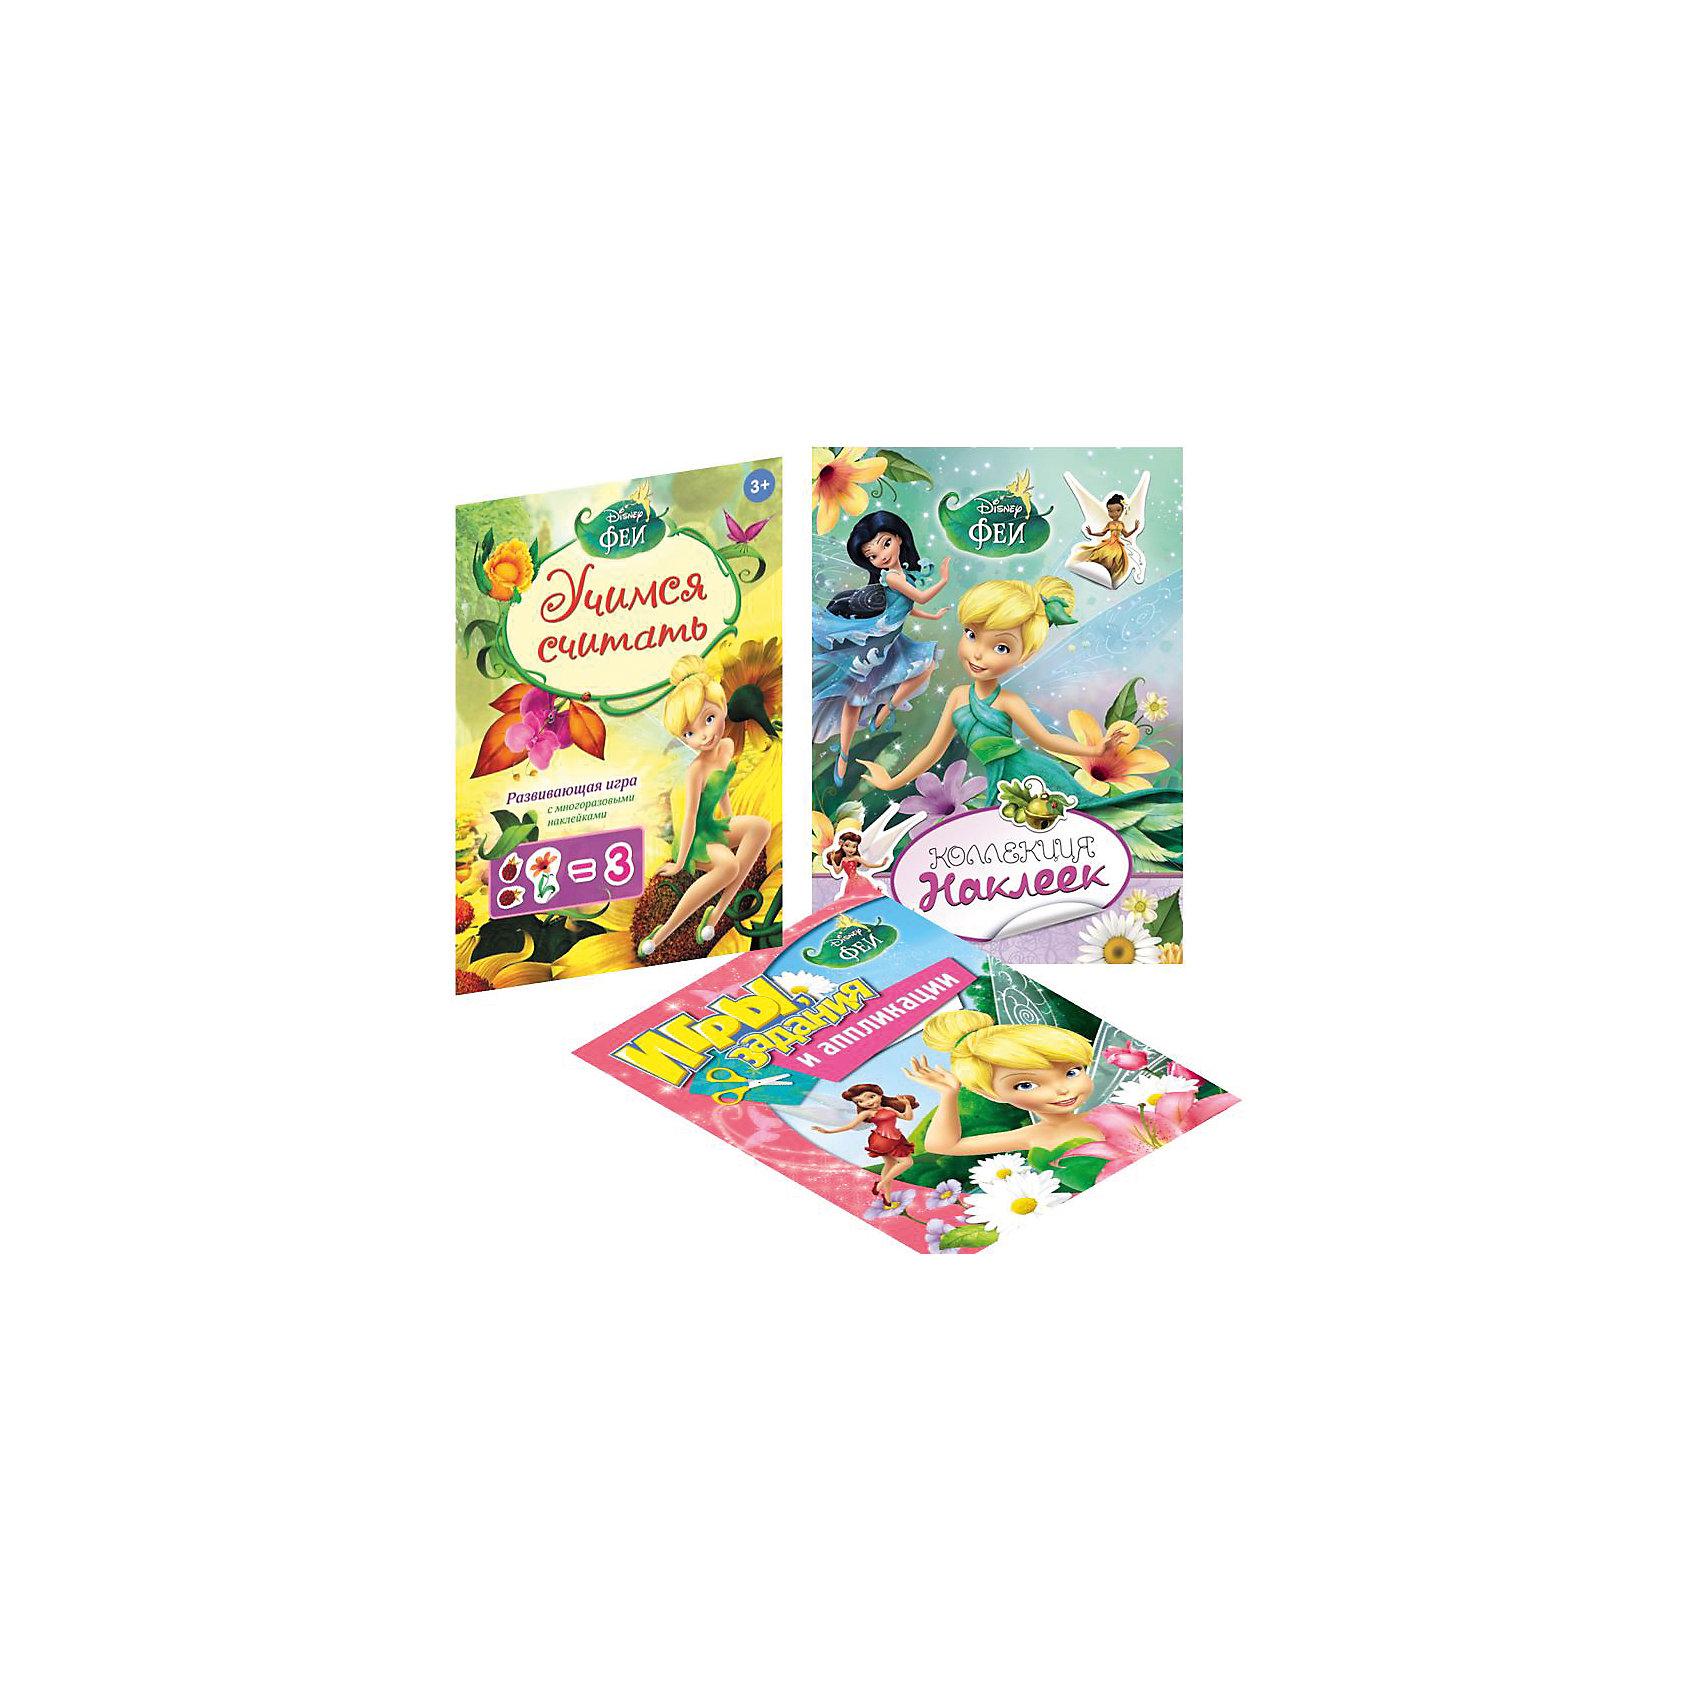 Комплект для девочек (наклейки, раскраски, игры)Росмэн<br>Комплект для девочек (наклейки, раскраски, игры) ? комплект от издательства Росмэн серии Disney Феи. Комплект состоит из трех изданий: коллекция наклеек Disney Феи (8 стр.); игры, задания и аппликации Disney Феи (16 стр.) и учимся считать (игра с наклейками) Disney Феи. Все издания выполнены с красочными иллюстрациями, персонажи Disney ? популярные среди девочек феи. Каждое издание сопровождается методическими рекомендациями по организации занятий. <br>Комплект для девочек (наклейки, раскраски, игры) разработан с учетом возрастных особенностей детей младшего школьного возраста, задания подобраны таким образом, что при выполнении формируется логическое мышление, развивается память, мелкая моторика, формируются навыки ручного труда. Для изготовления аппликаций в альбоме имеются все необходимые элементы. Наклейки многоразового использования, наклеиваются на любую поверхность. Игра «Учимся считать» познакомит ребенка с основными математическими действиями и сформирует первые представления в области математики. <br>Комплект для девочек (наклейки, раскраски, игры) ? это не только увлекательное развлечение, но и обучение, которое приносит удовольствие и радость вашему ребенку.<br><br>Дополнительная информация:<br><br>- Жанр книг: для развивающих занятий<br>- Предназначение: для дома <br>- Материал: плотная бумага, полимерные материалы<br>- Комплектация: 3 издания ? Коллекция наклеек Disney Феи; Игры, задания и аппликации Disney Феи; Учимся считать (игра с наклейками) Disney Феи.<br>- Размер (Д*Ш*В): 34*23,7*6 см<br><br>Подробнее:<br><br>• Для детей в возрасте: от 3 лет <br>• Издательство: Росмэн<br>• Страна производитель: Россия<br>• Год издания: 2014-2015<br><br>Комплект для девочек (наклейки, раскраски, игры) можно купить в нашем интернет-магазине.<br><br>Ширина мм: 340<br>Глубина мм: 237<br>Высота мм: 6<br>Вес г: 230<br>Возраст от месяцев: 0<br>Возраст до месяцев: 36<br>Пол: Женский<br>Возраст: Детский<br>SKU: 48